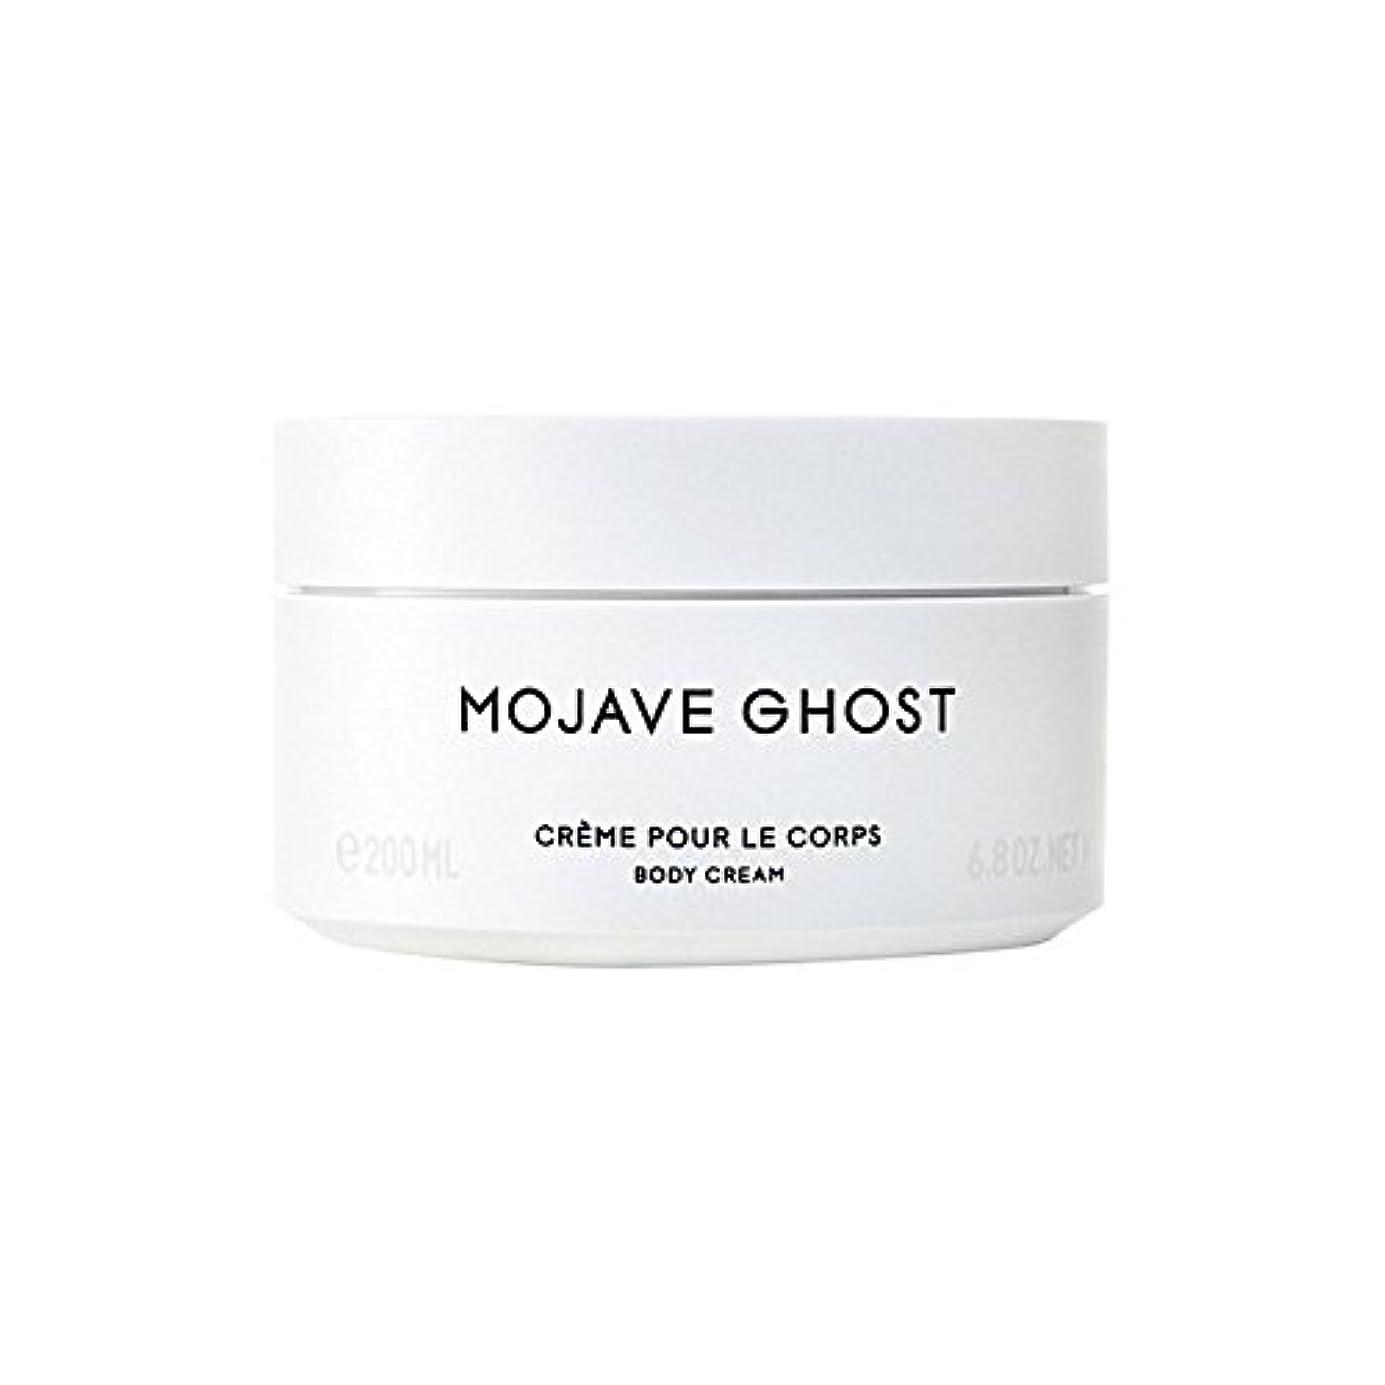 三番トランジスタ明るいモハーベゴーストボディクリーム200ミリリットル x4 - Byredo Mojave Ghost Body Cream 200ml (Pack of 4) [並行輸入品]